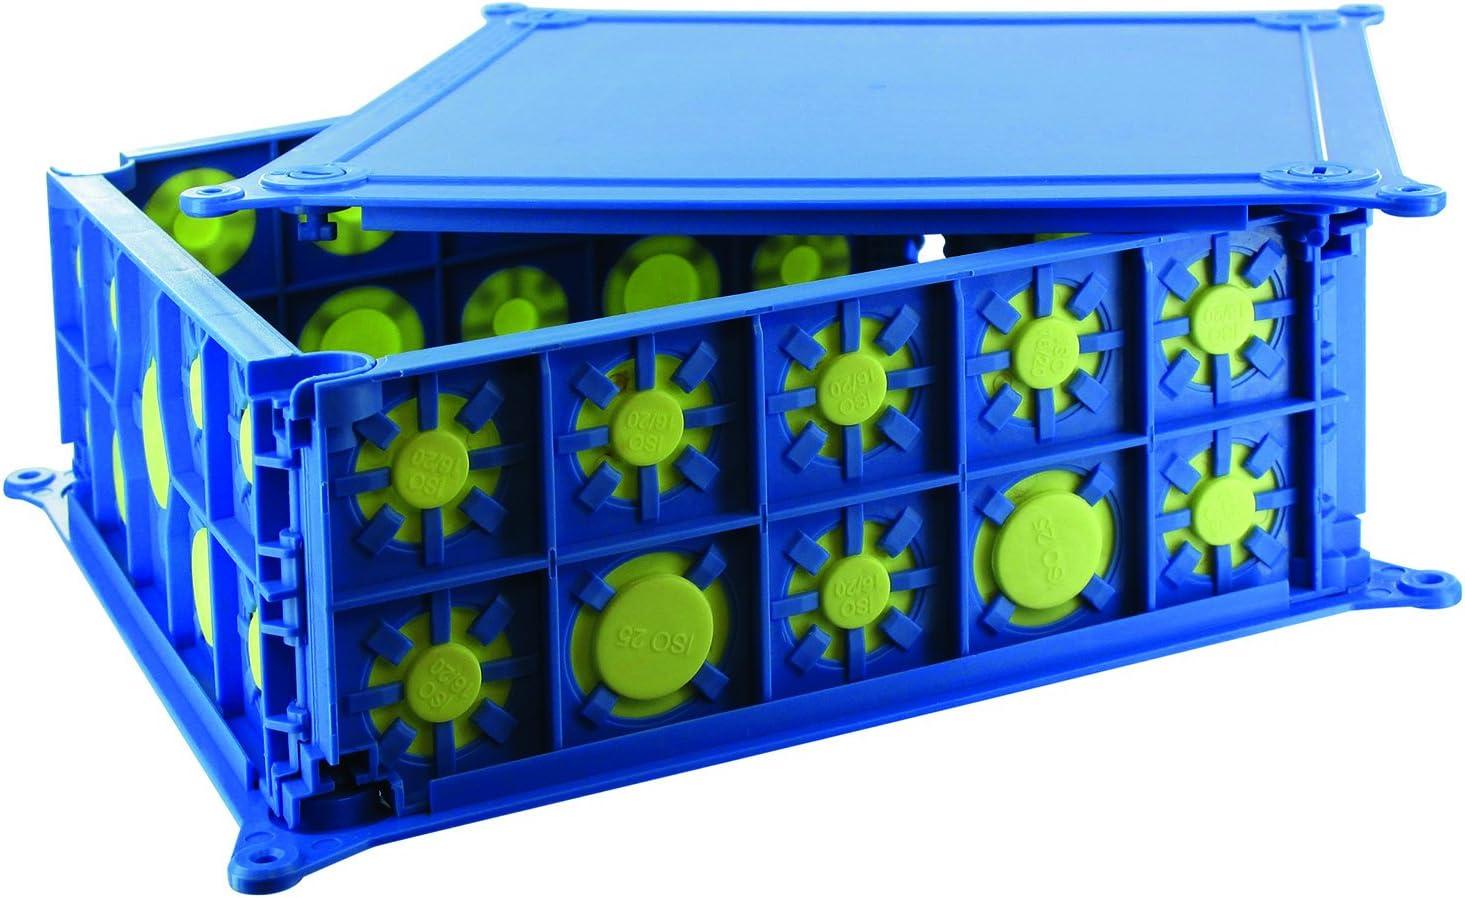 250 x 250 x 85 mm Boite pavillonnaire et d/érivation non /étanche pour combles ou faux-plafonds